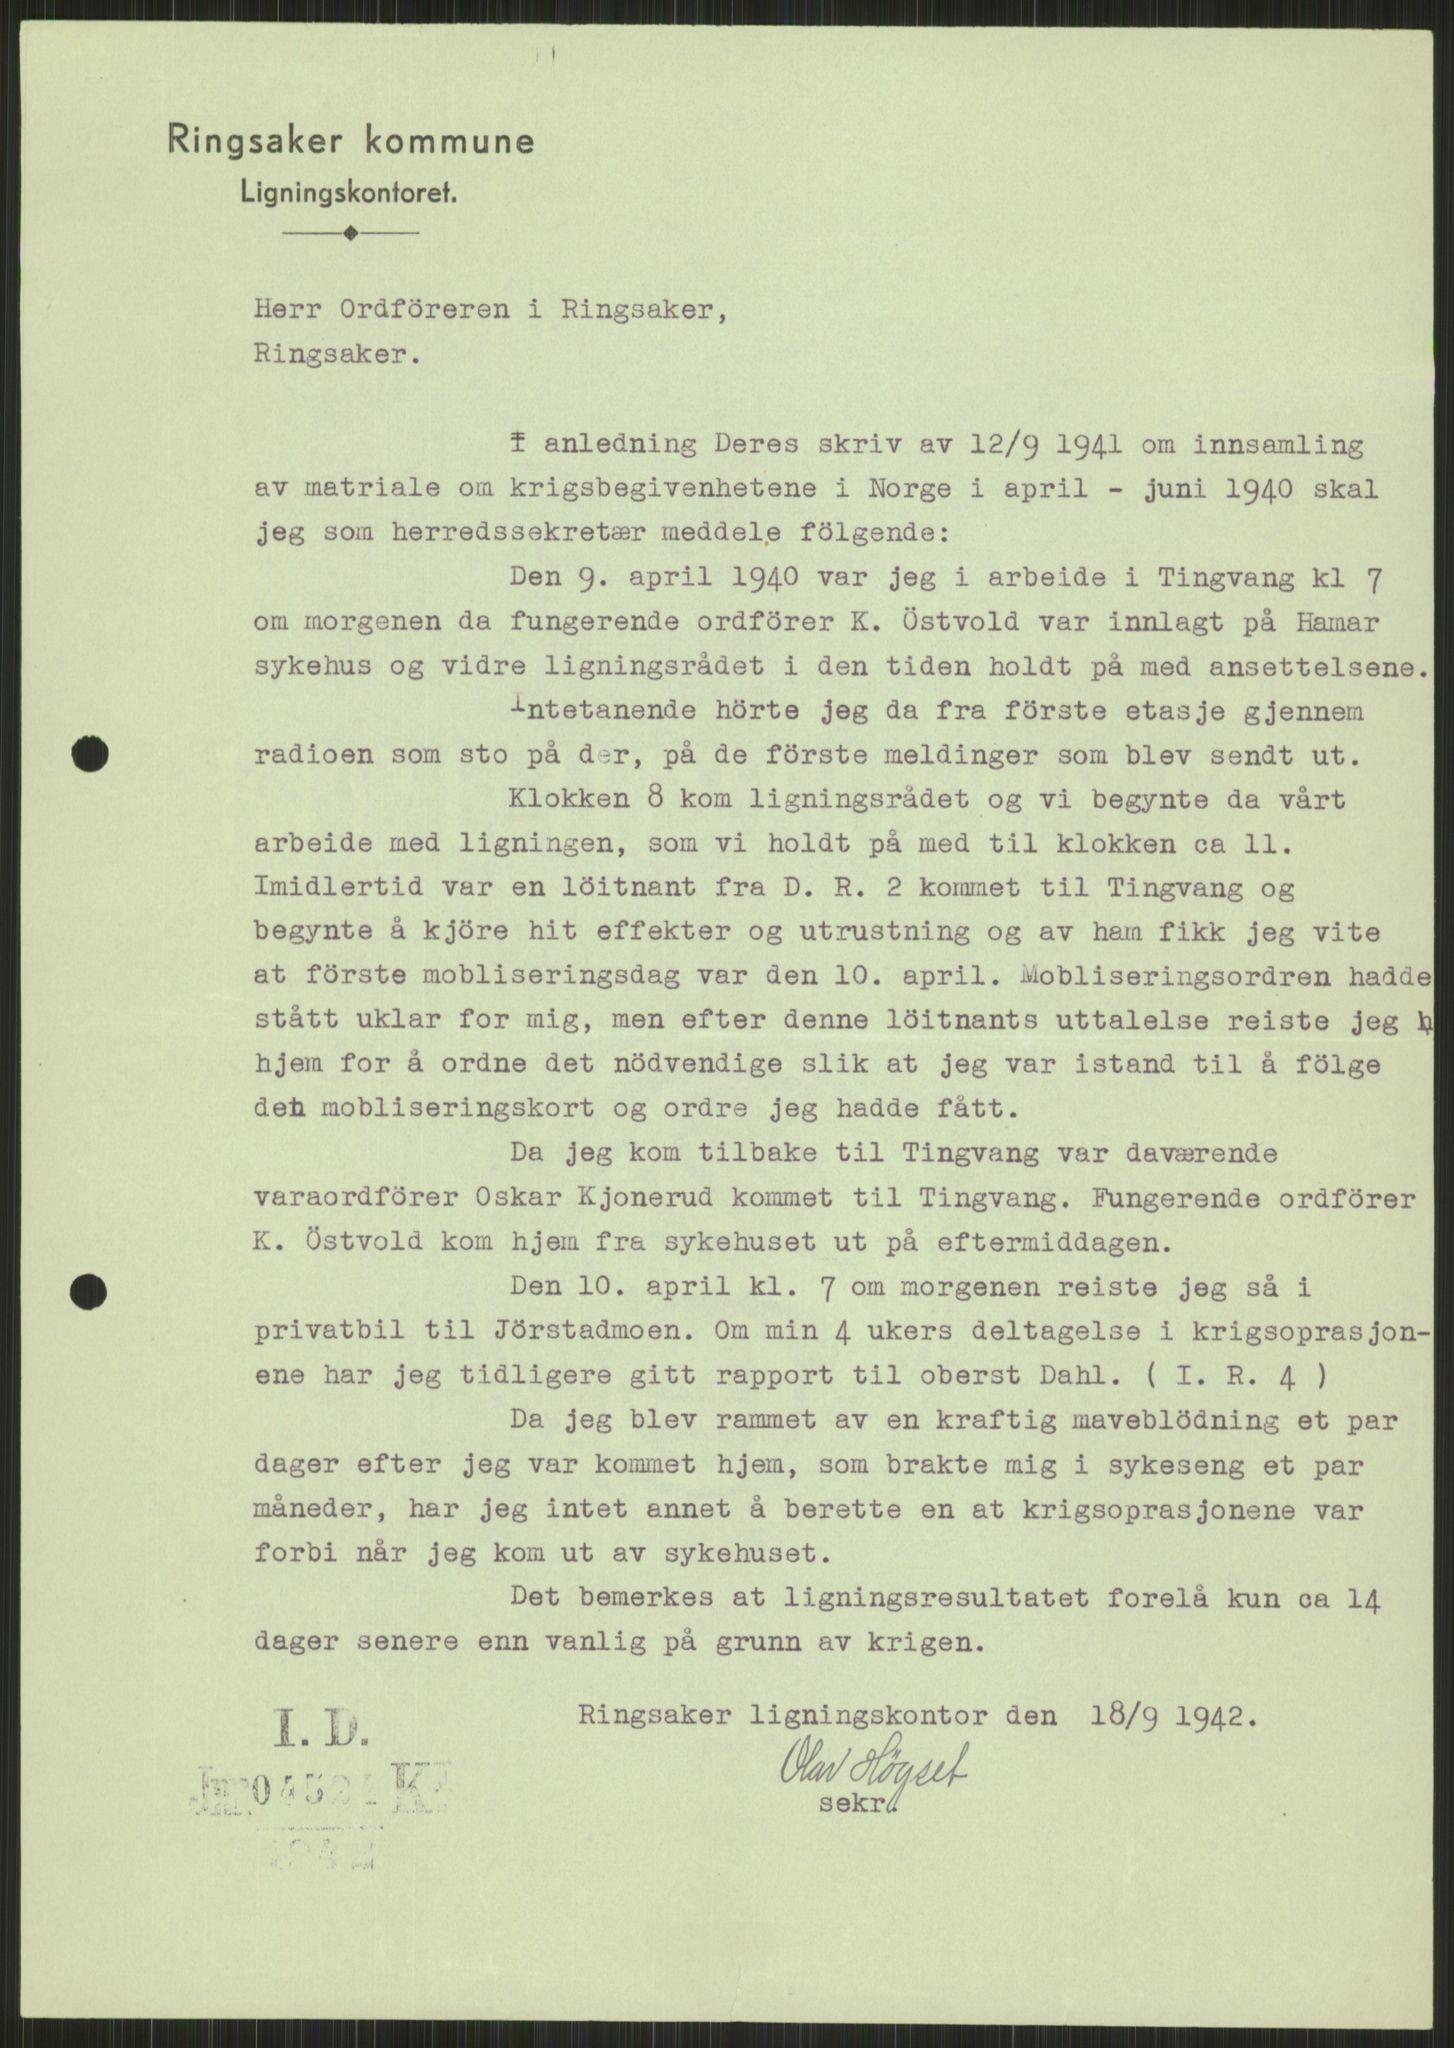 RA, Forsvaret, Forsvarets krigshistoriske avdeling, Y/Ya/L0013: II-C-11-31 - Fylkesmenn.  Rapporter om krigsbegivenhetene 1940., 1940, s. 948